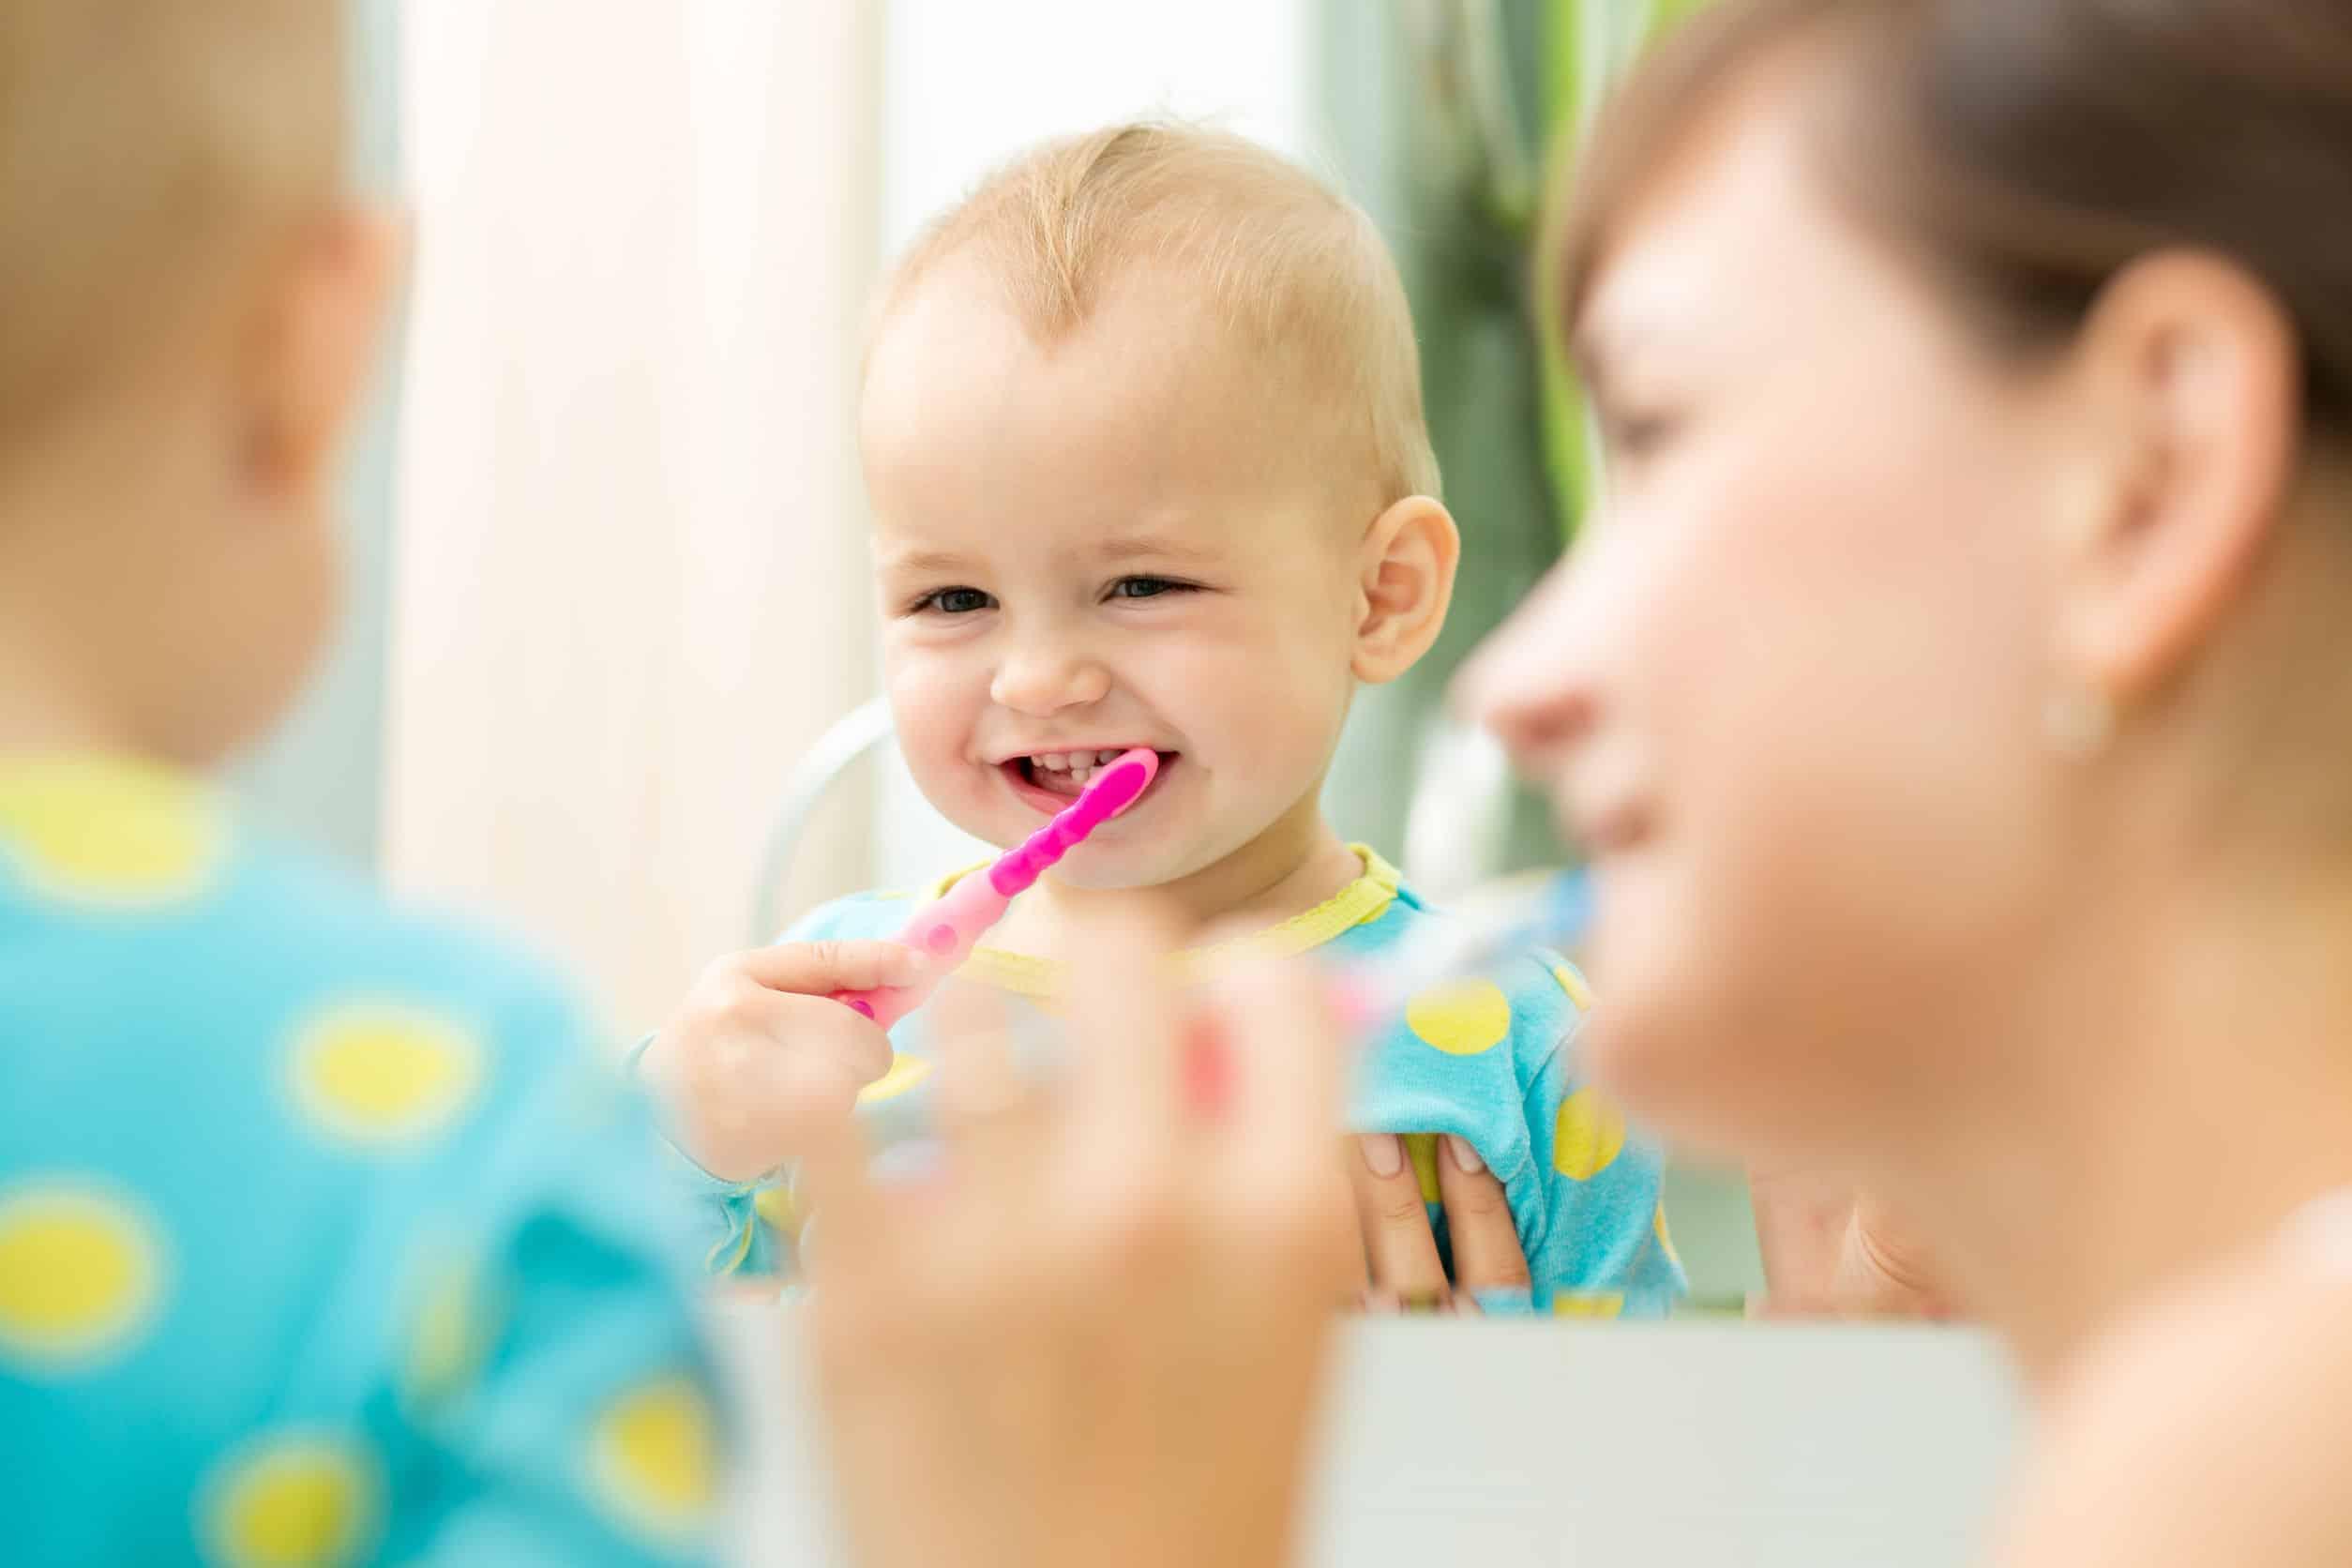 Zahnpflege für dein Baby: 3 Tipps für die richtige Pflege kleiner Zähne